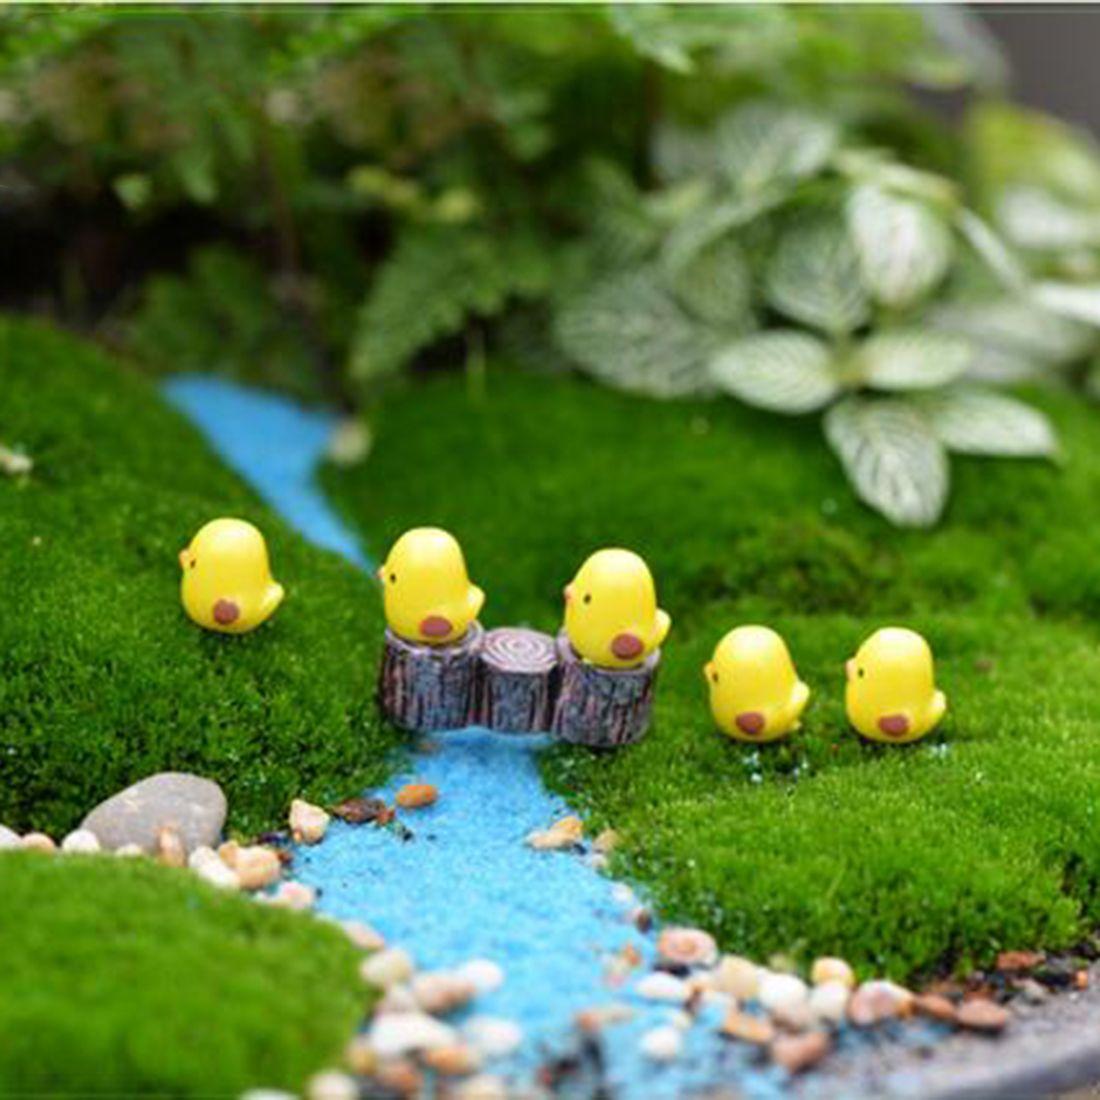 Relaxing Cheap Mini Fairy Garden Buy Quality Miniature Fairies Directlyfrom China Miniature Fairy Figurines Hot Sale Miniature Fairyfigurines On Sale Pinterest Miniature Fairy Figurines